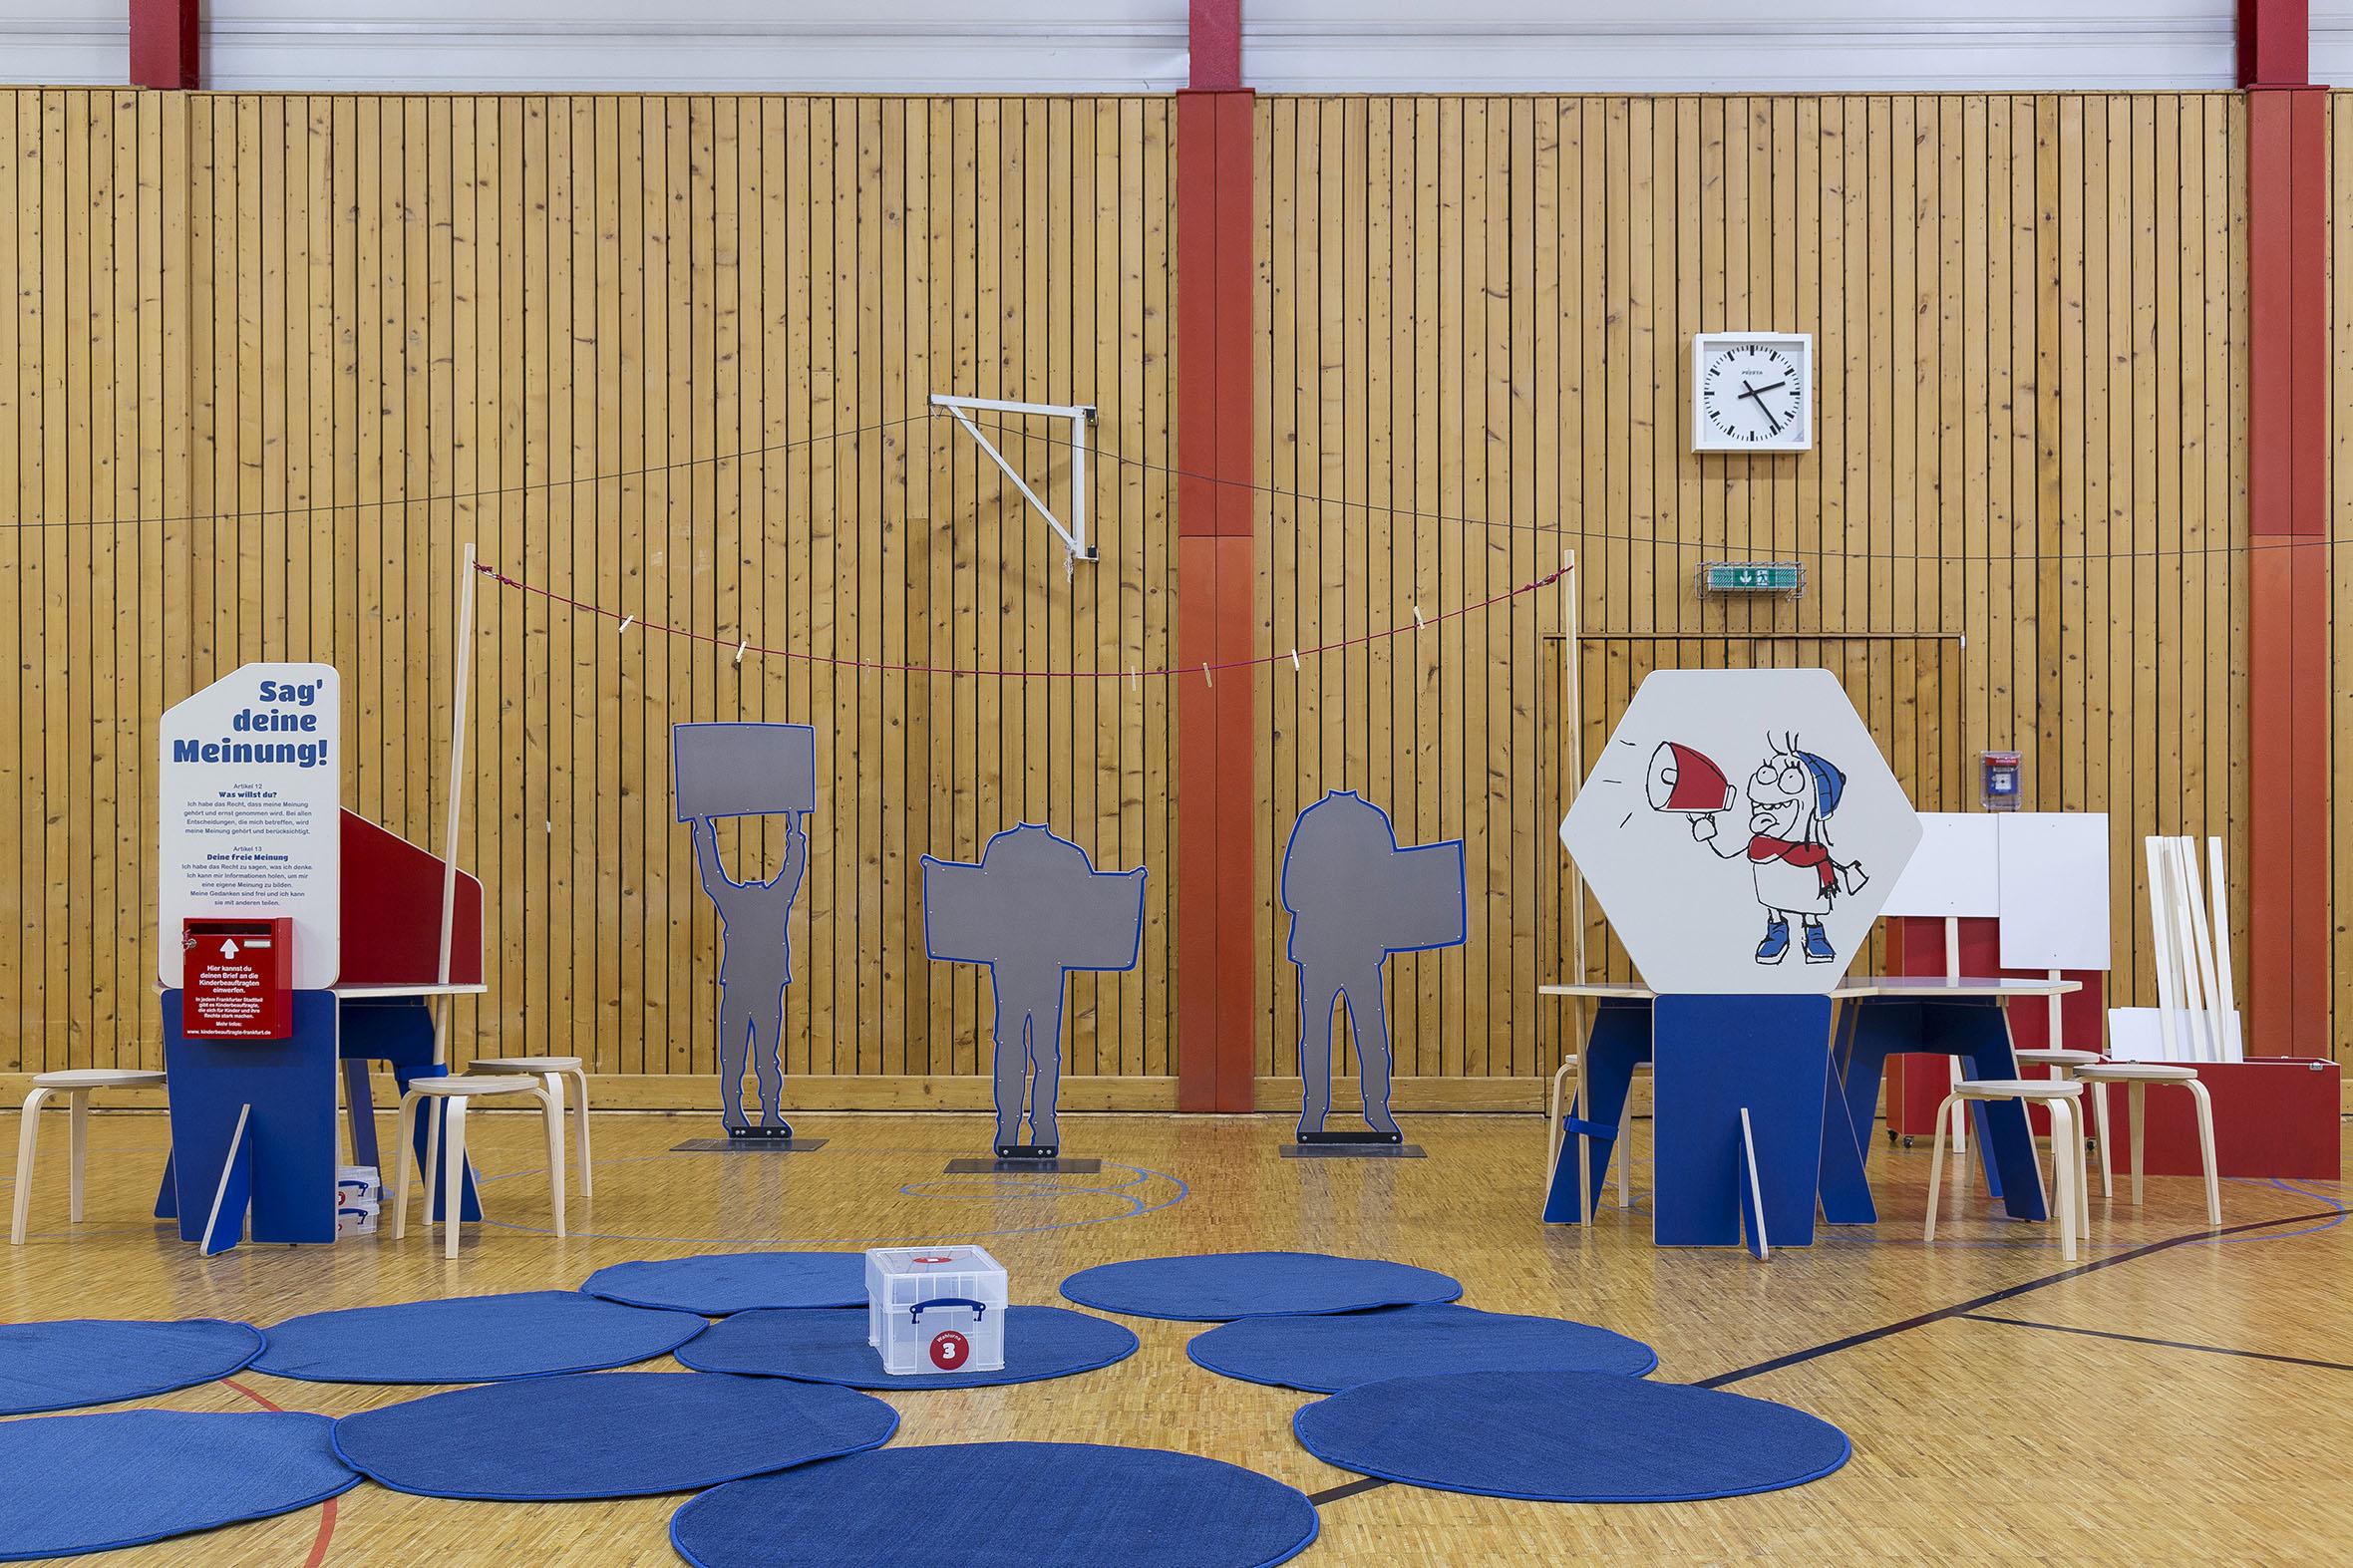 Tonia Bürkle (blaugrau): Kinder haben Rechte! Mobile Ausstellung für Kinderbüro Frankfurt 6